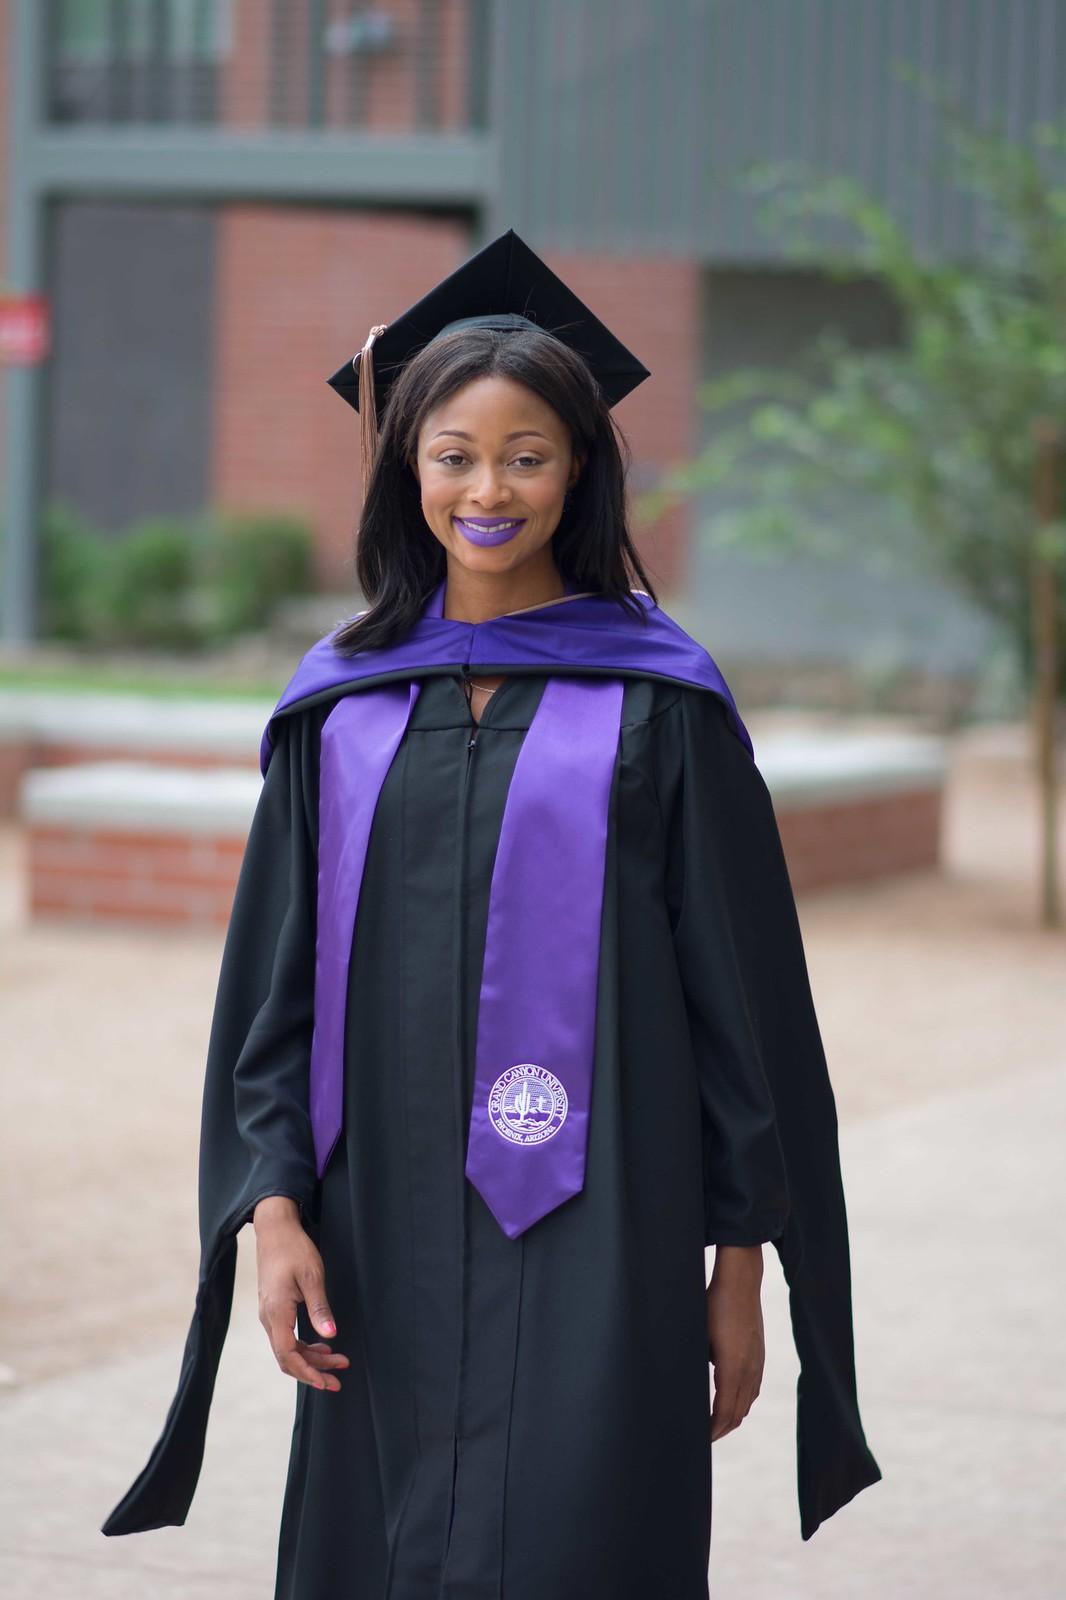 Grand Canyon University Graduation Pics